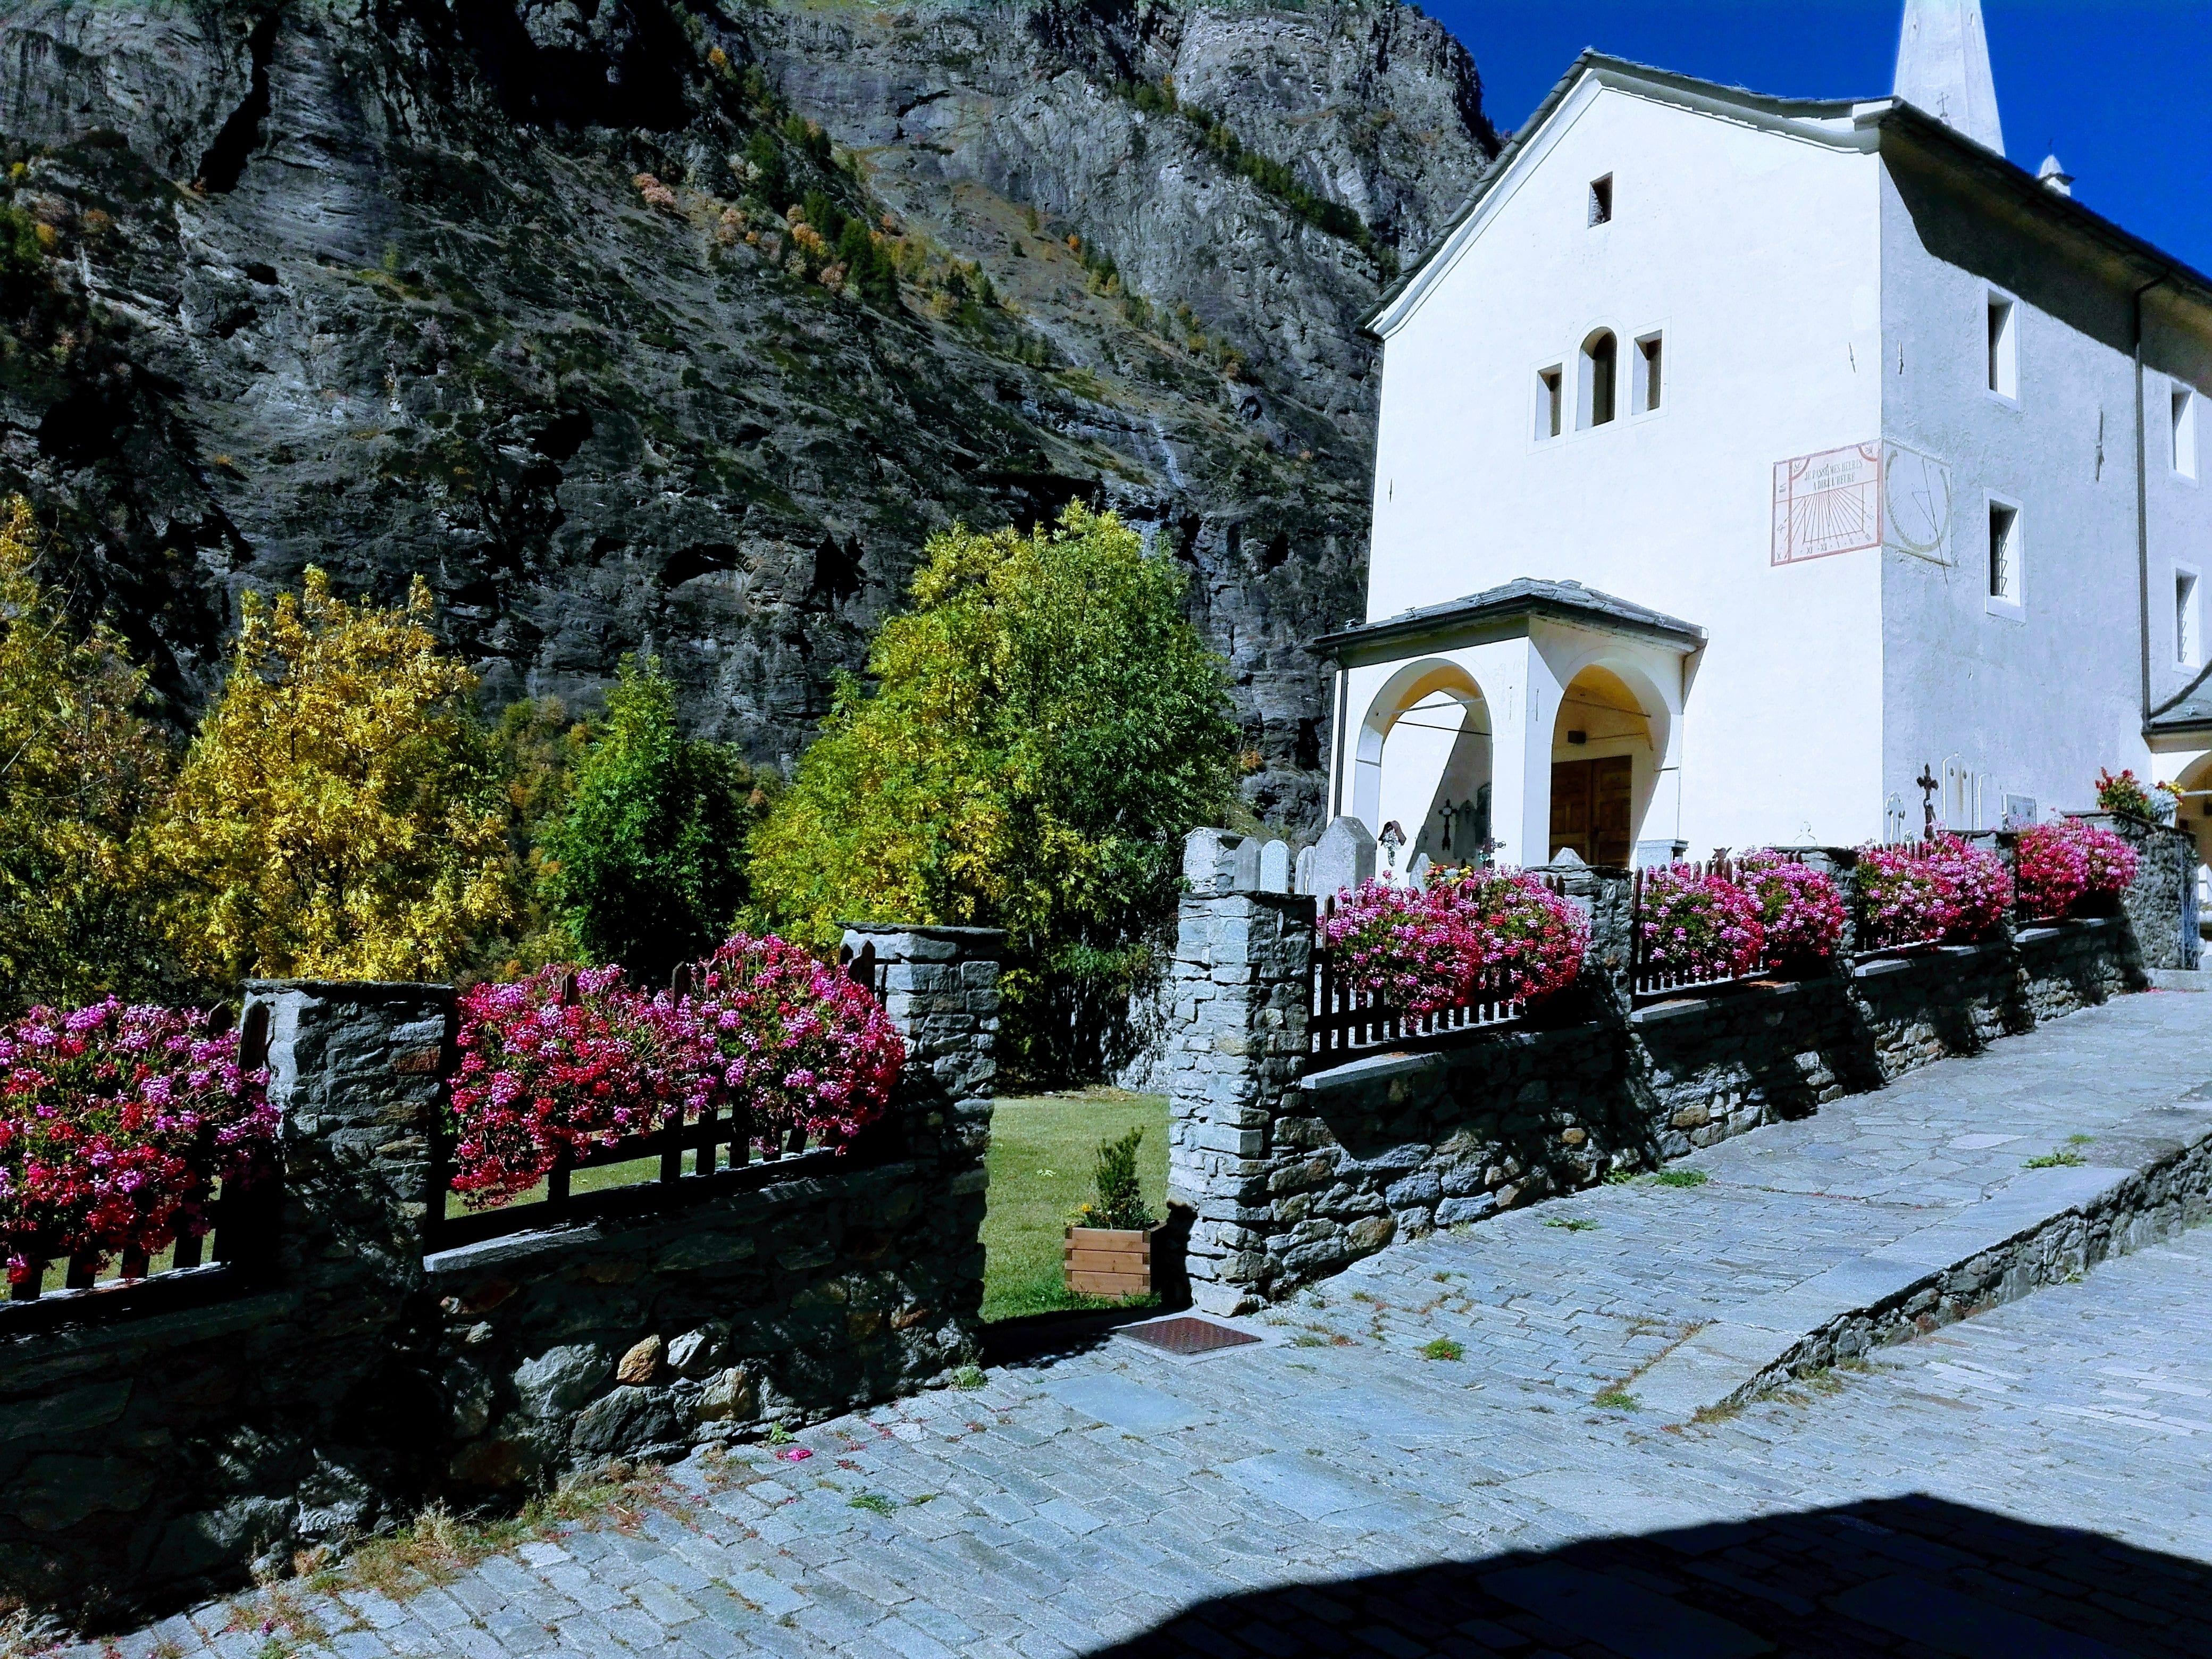 chiesa-rsg-fiori-e-piante